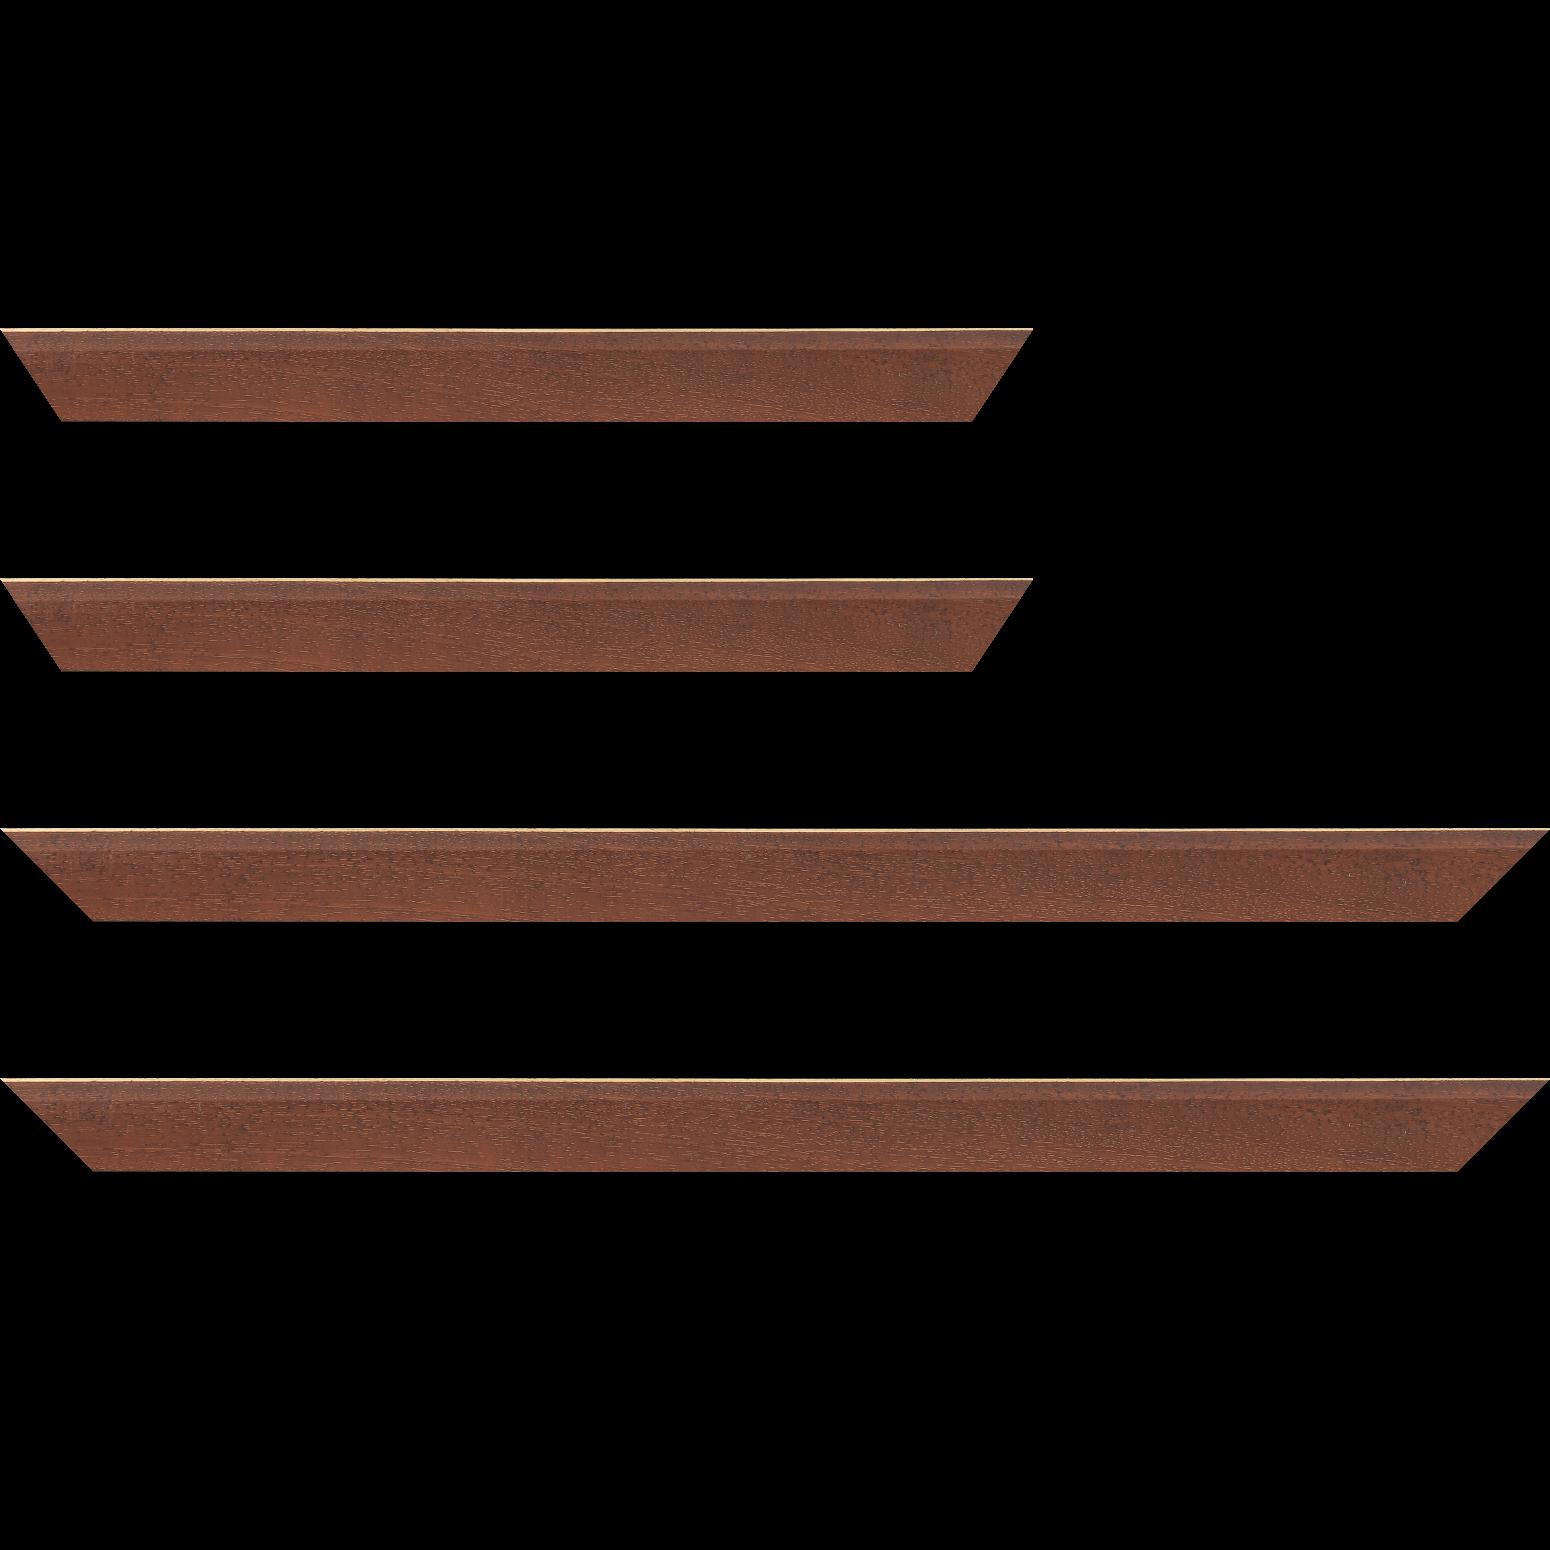 Baguette service précoupé Bois profil plat escalier largeur 3cm couleur marron miel satiné filet créme extérieur